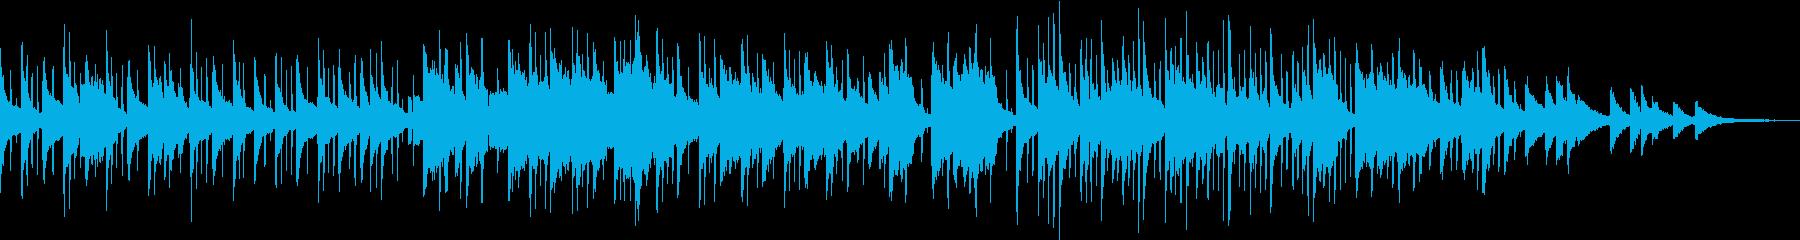 ロバートグラスパー風オシャレhiphopの再生済みの波形